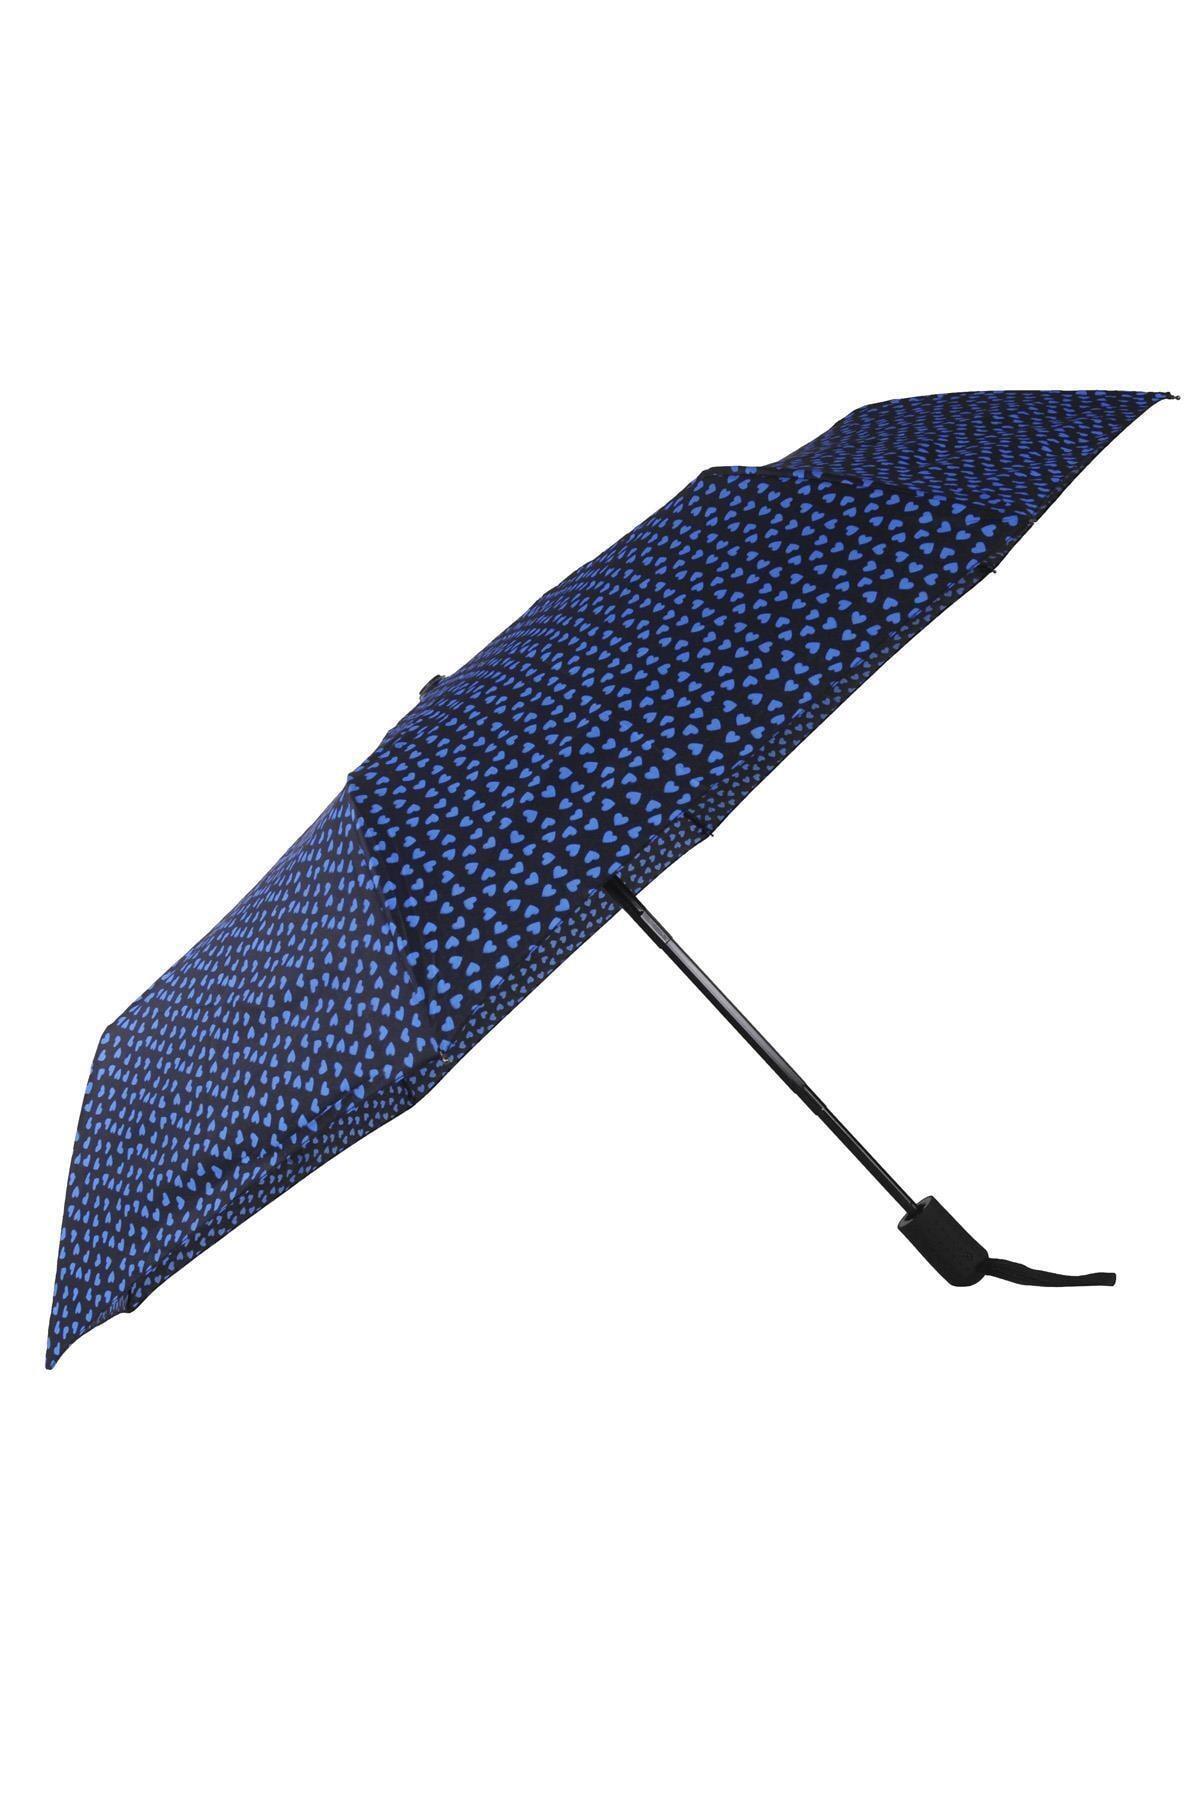 TREND Tam Otomatik Şemsiye Kalp Desenli Lacivert 6639 1